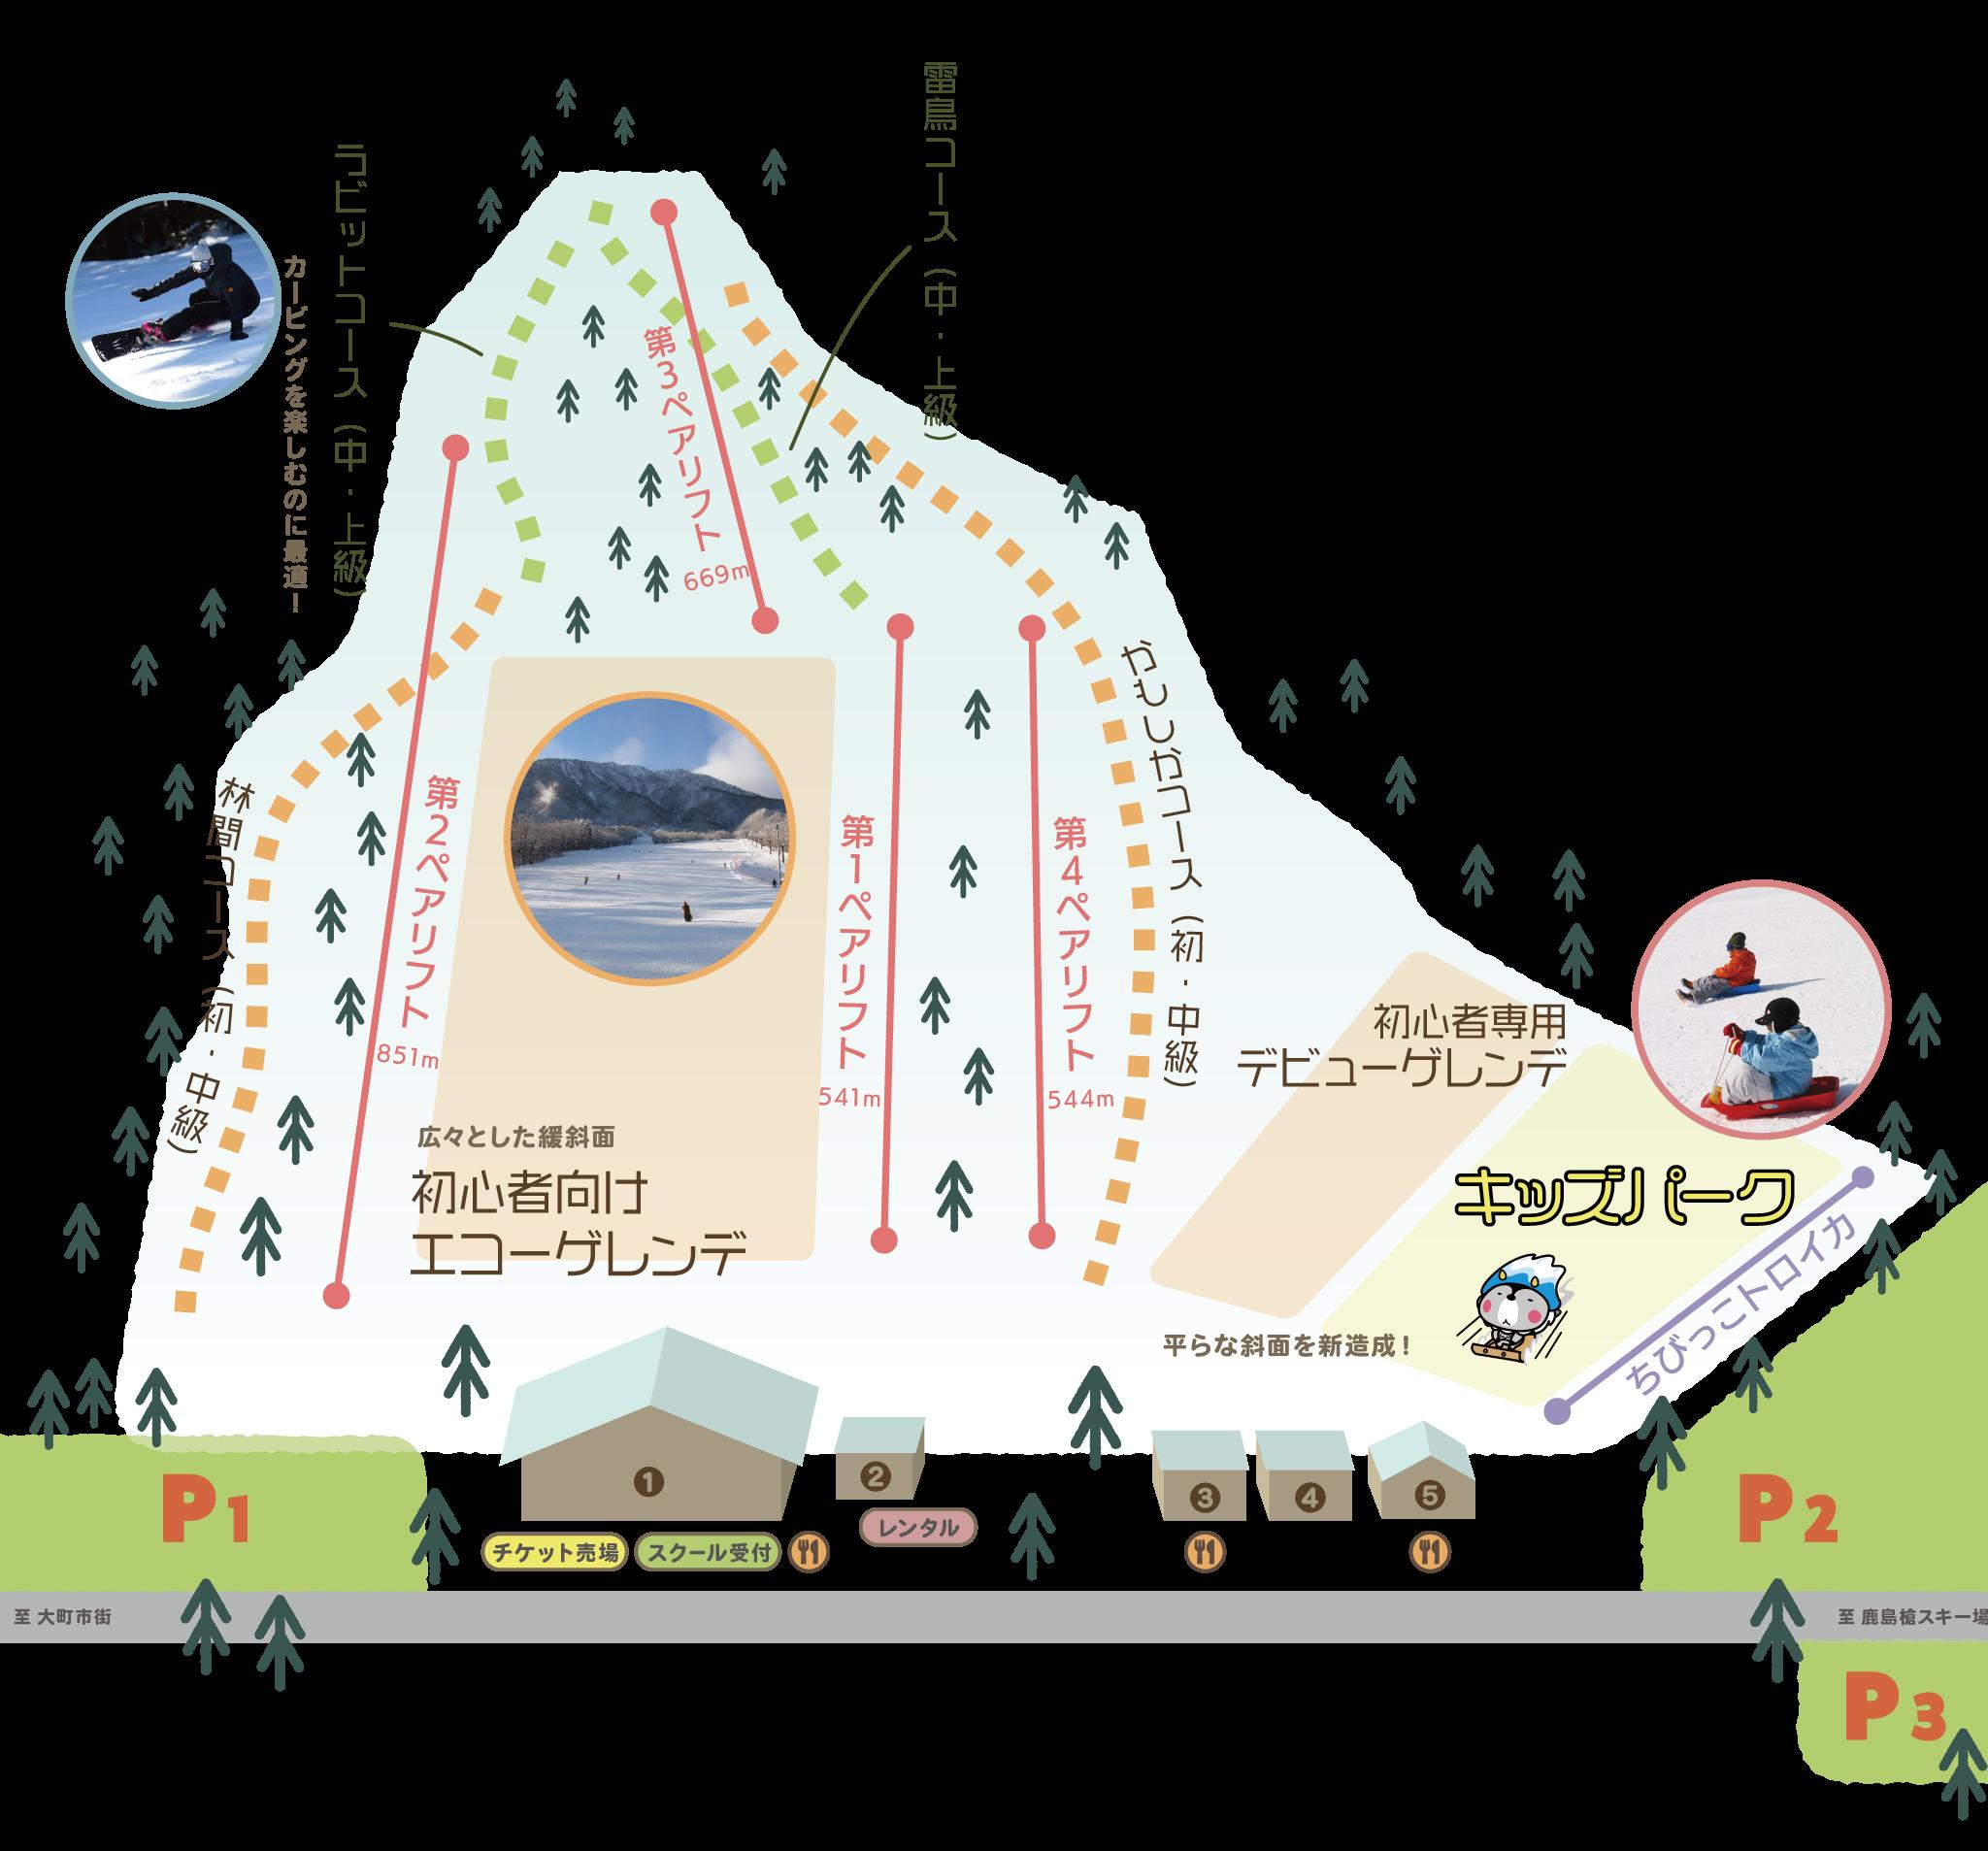 爺ガ岳スキー場ゲレンデマップ